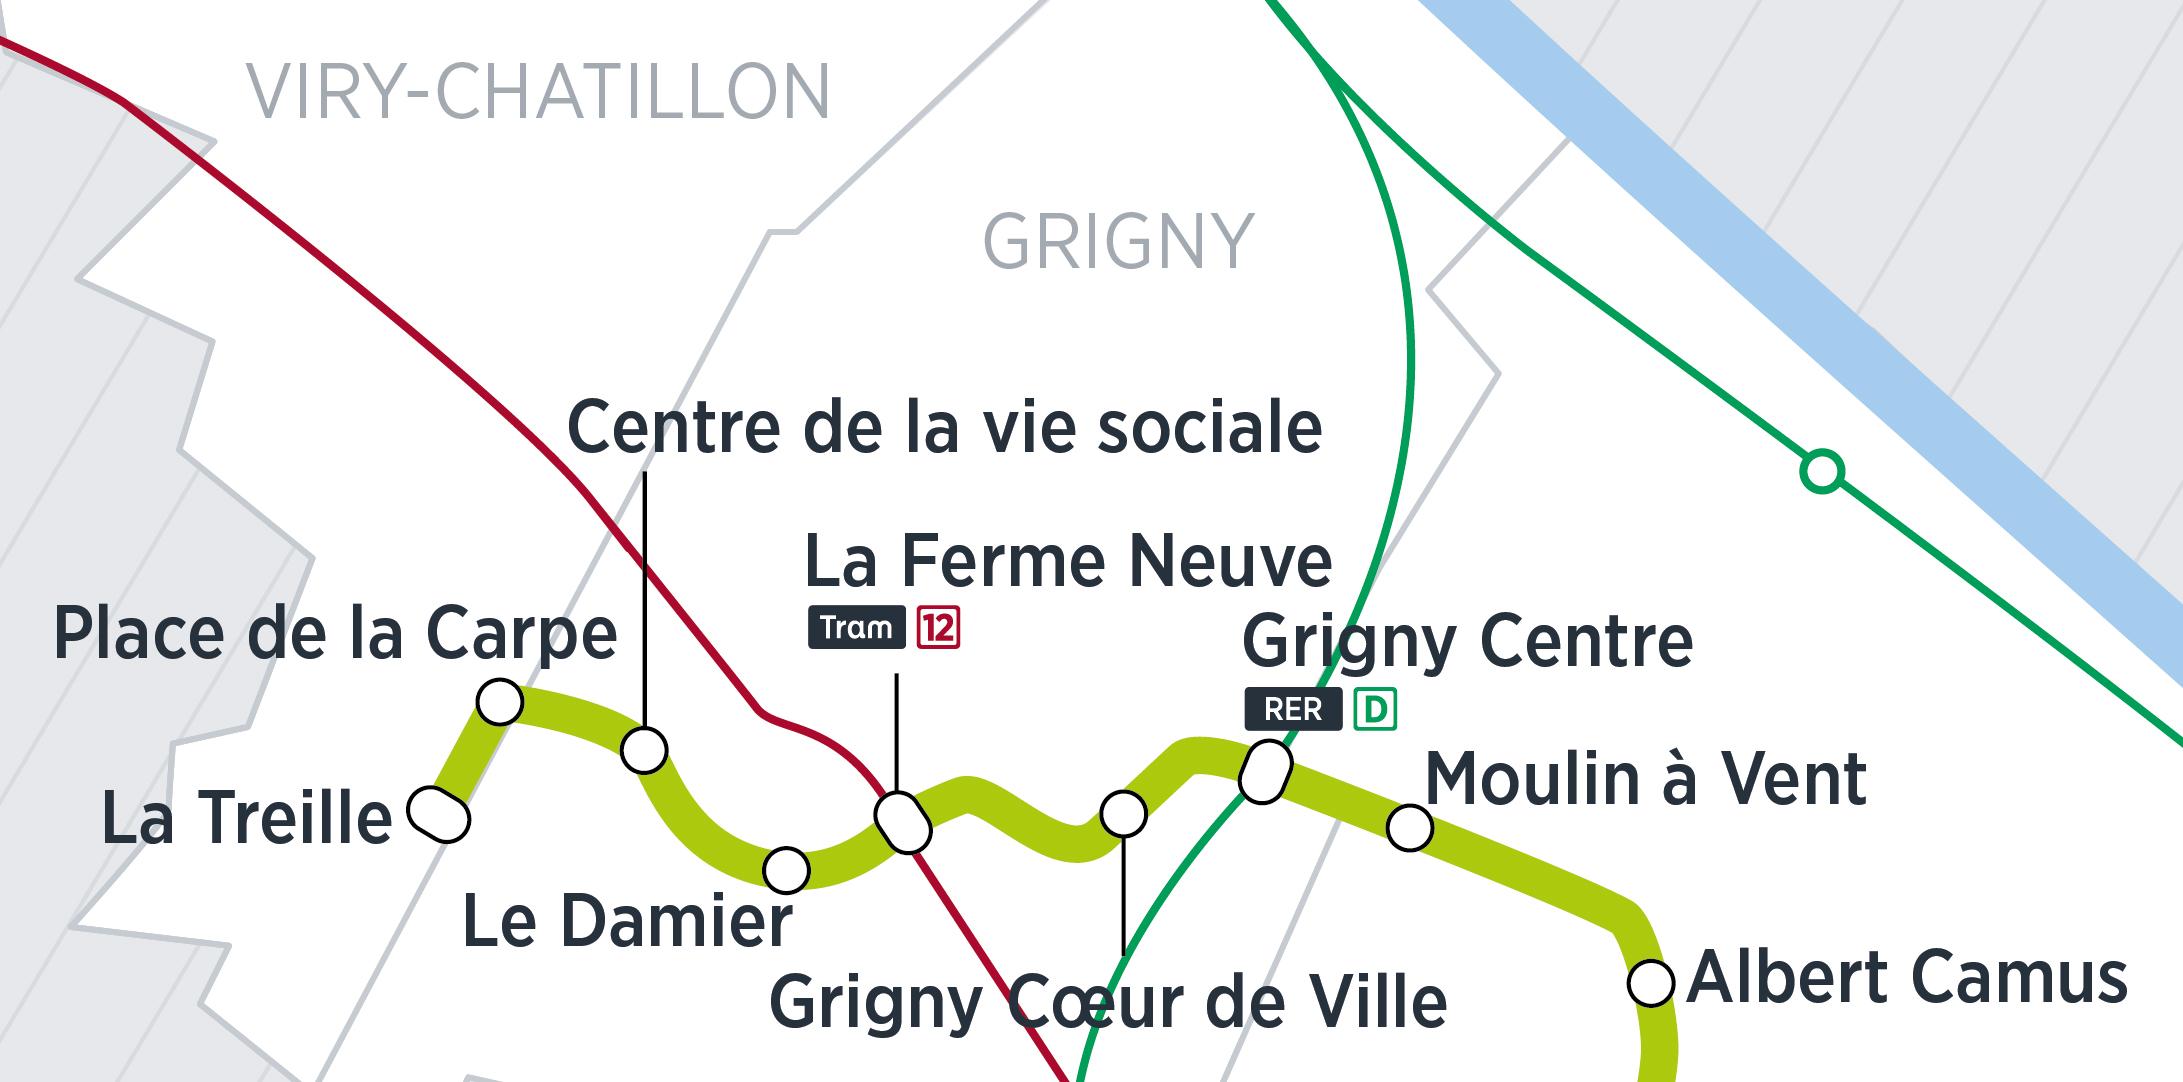 Zoom du tracé sur Viry-Grigny